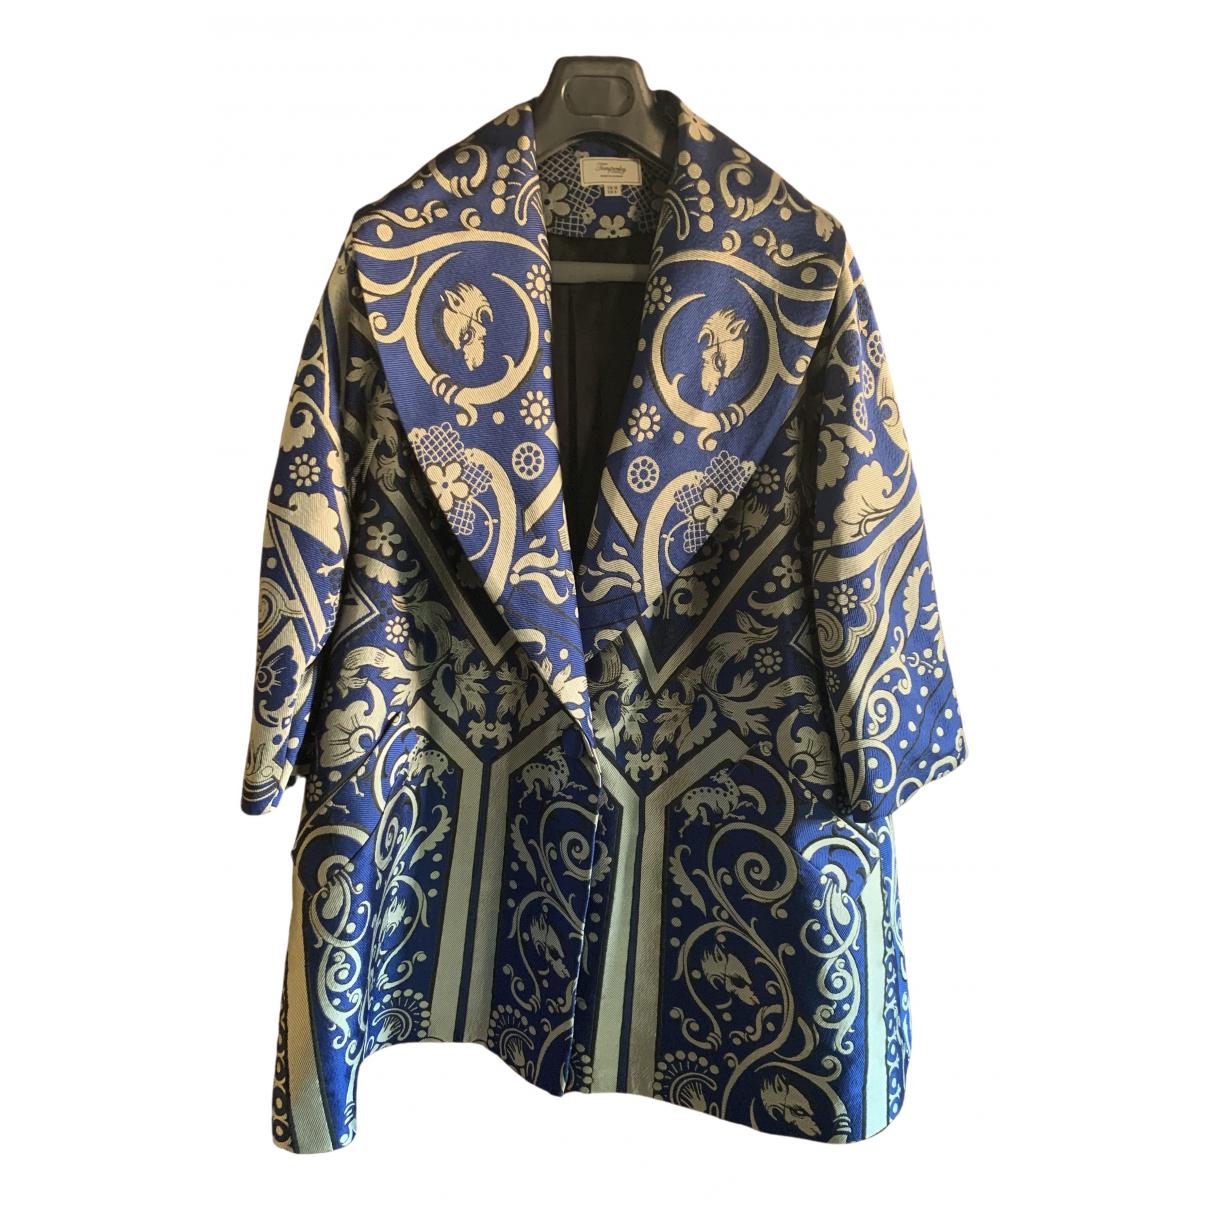 Temperley London \N Jacke in  Blau Polyester